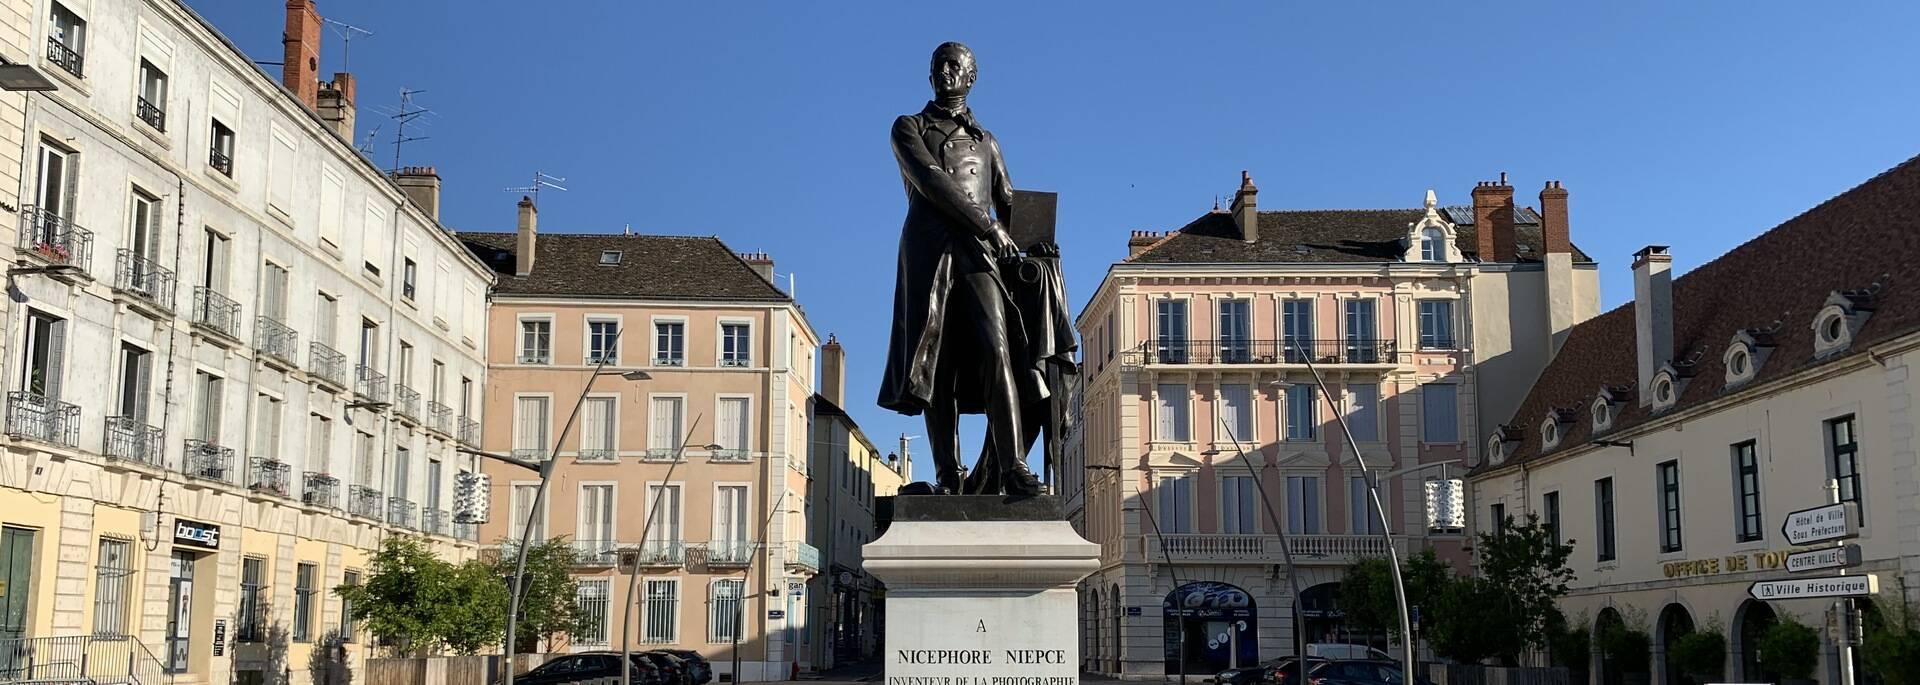 Place du Port Villiers Statue de Nicéphore Niepce